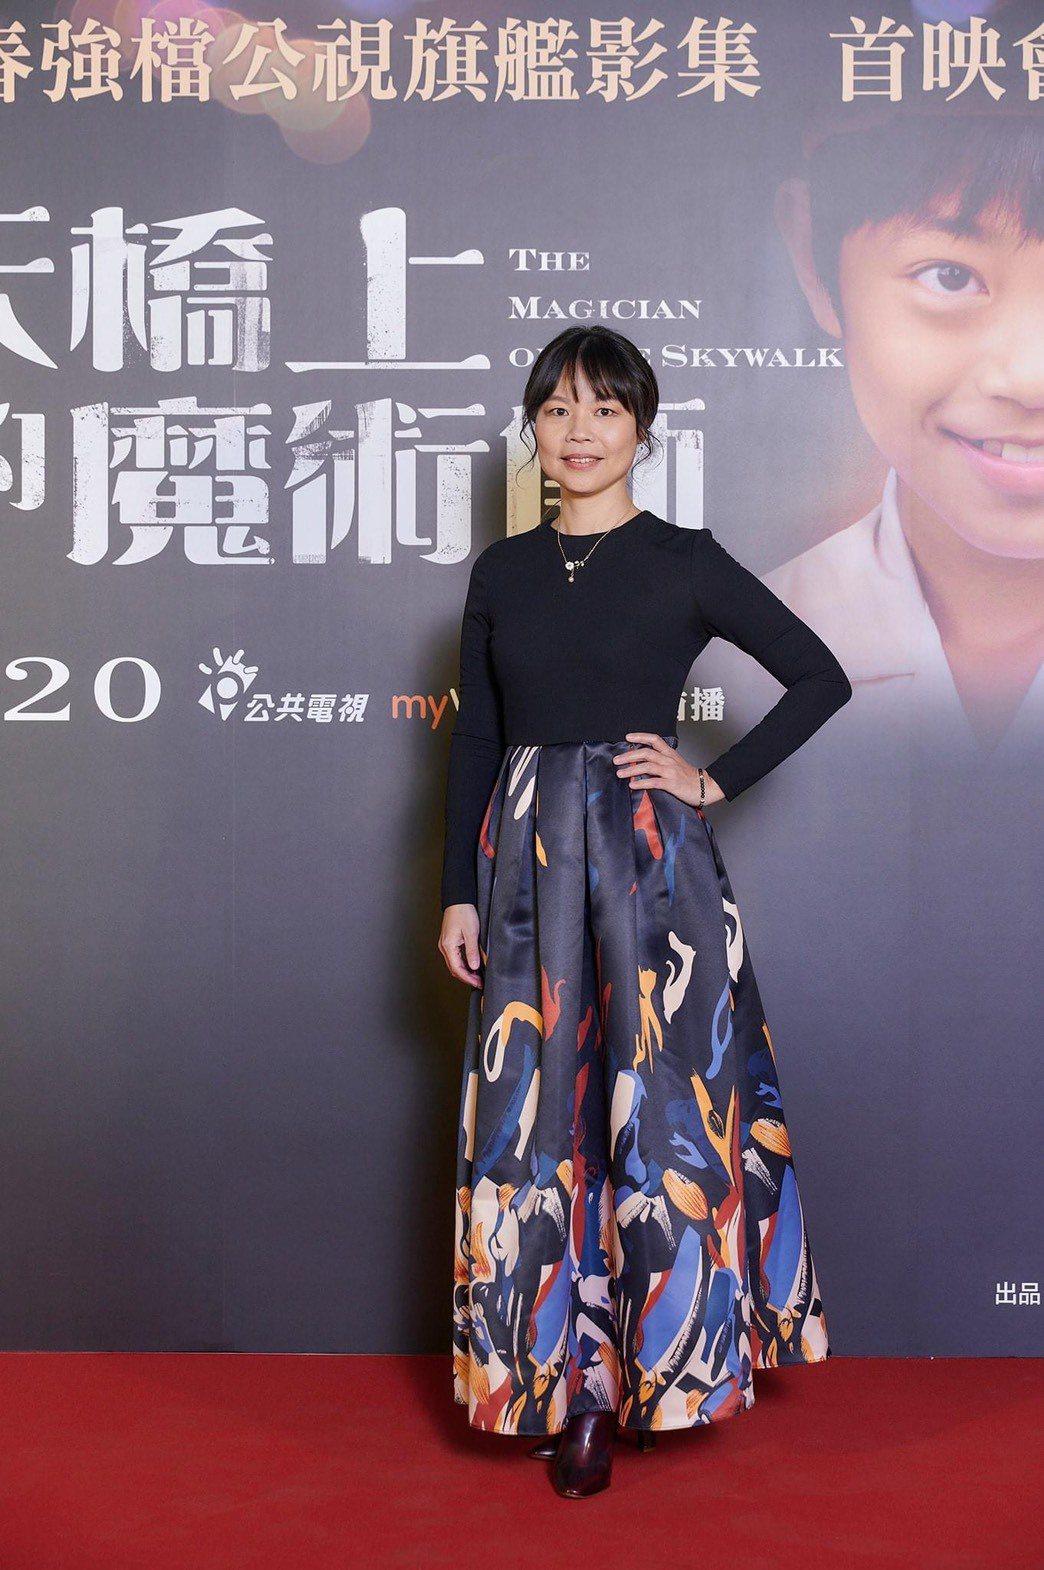 黃舒湄以「天橋上的魔術師」入圍金鐘女配角獎。圖/摘自臉書